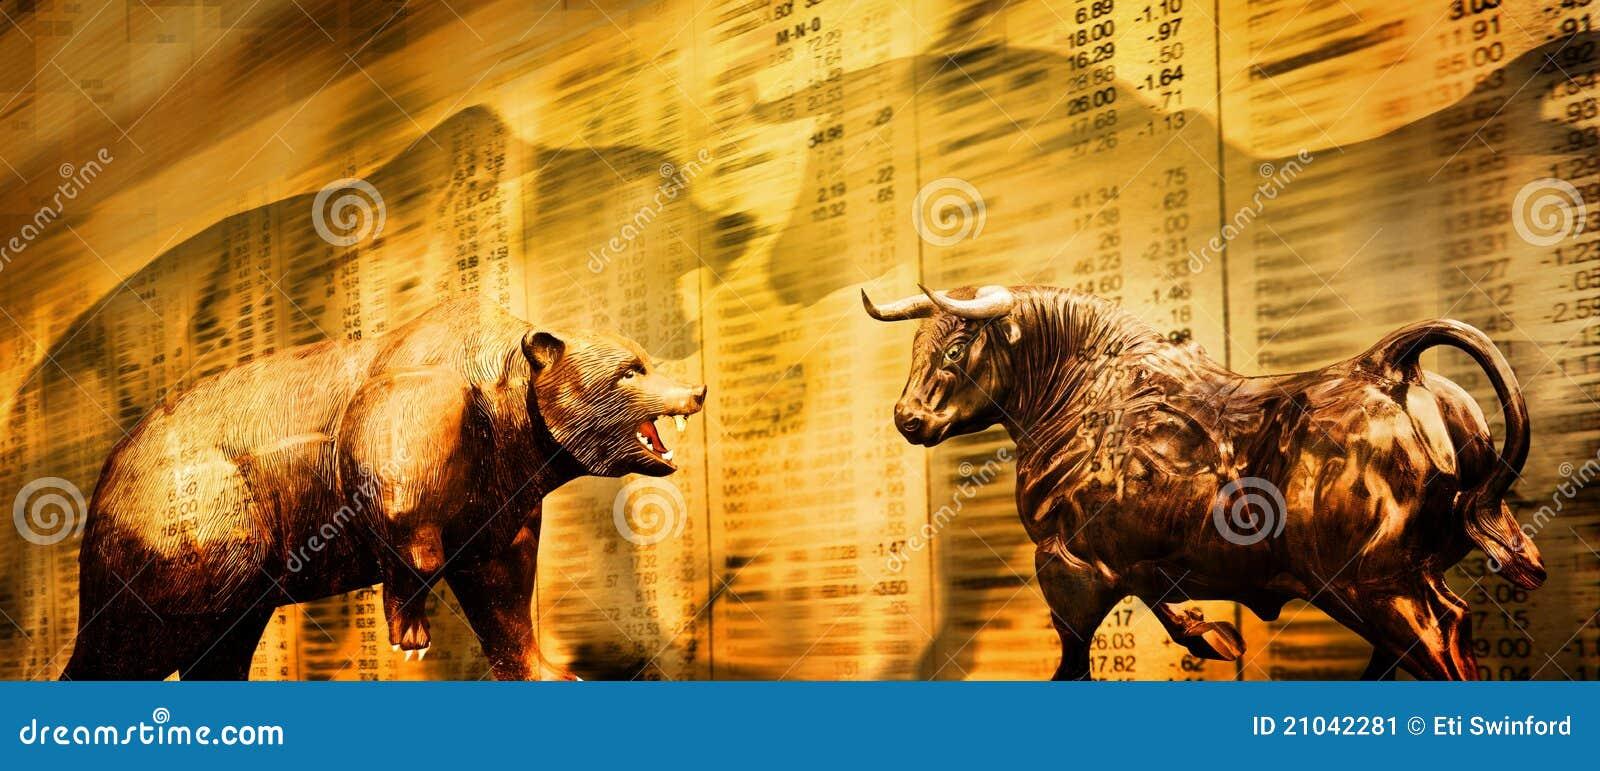 The bears trading company